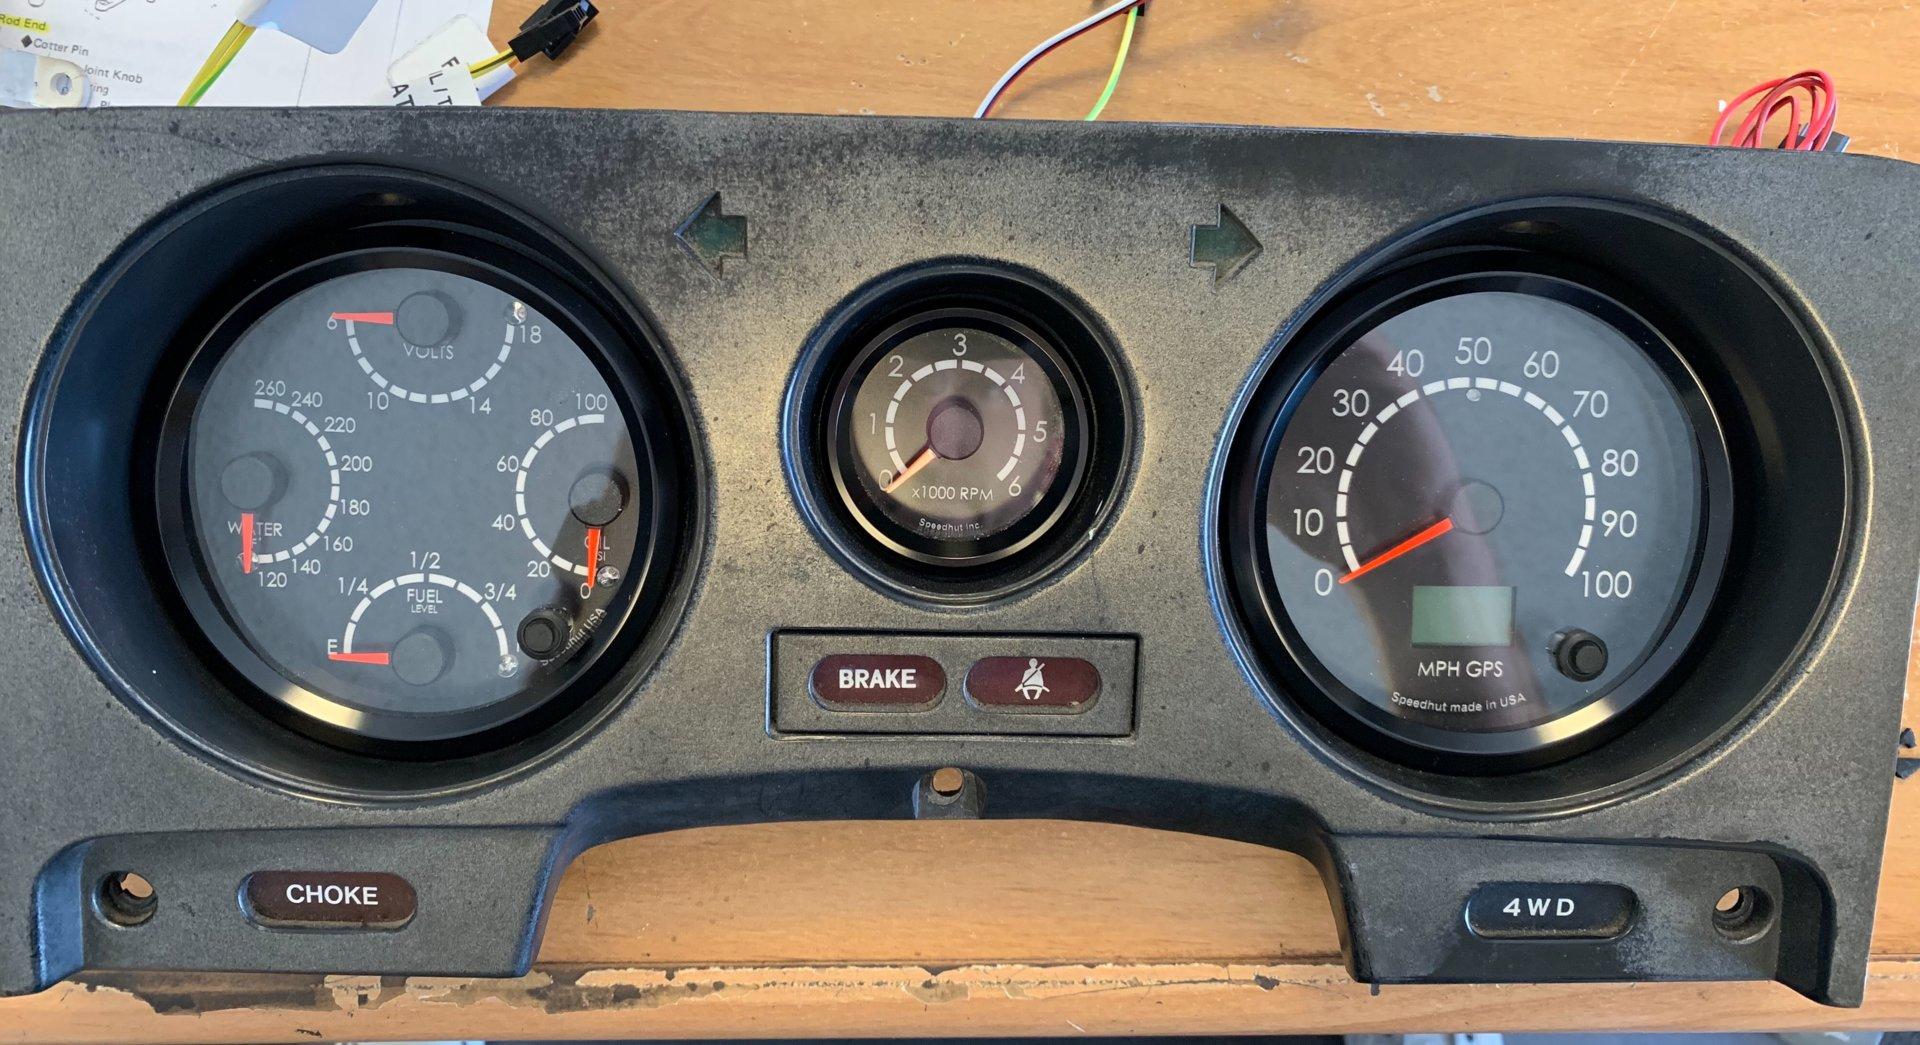 Stock Look FJ60 gauges